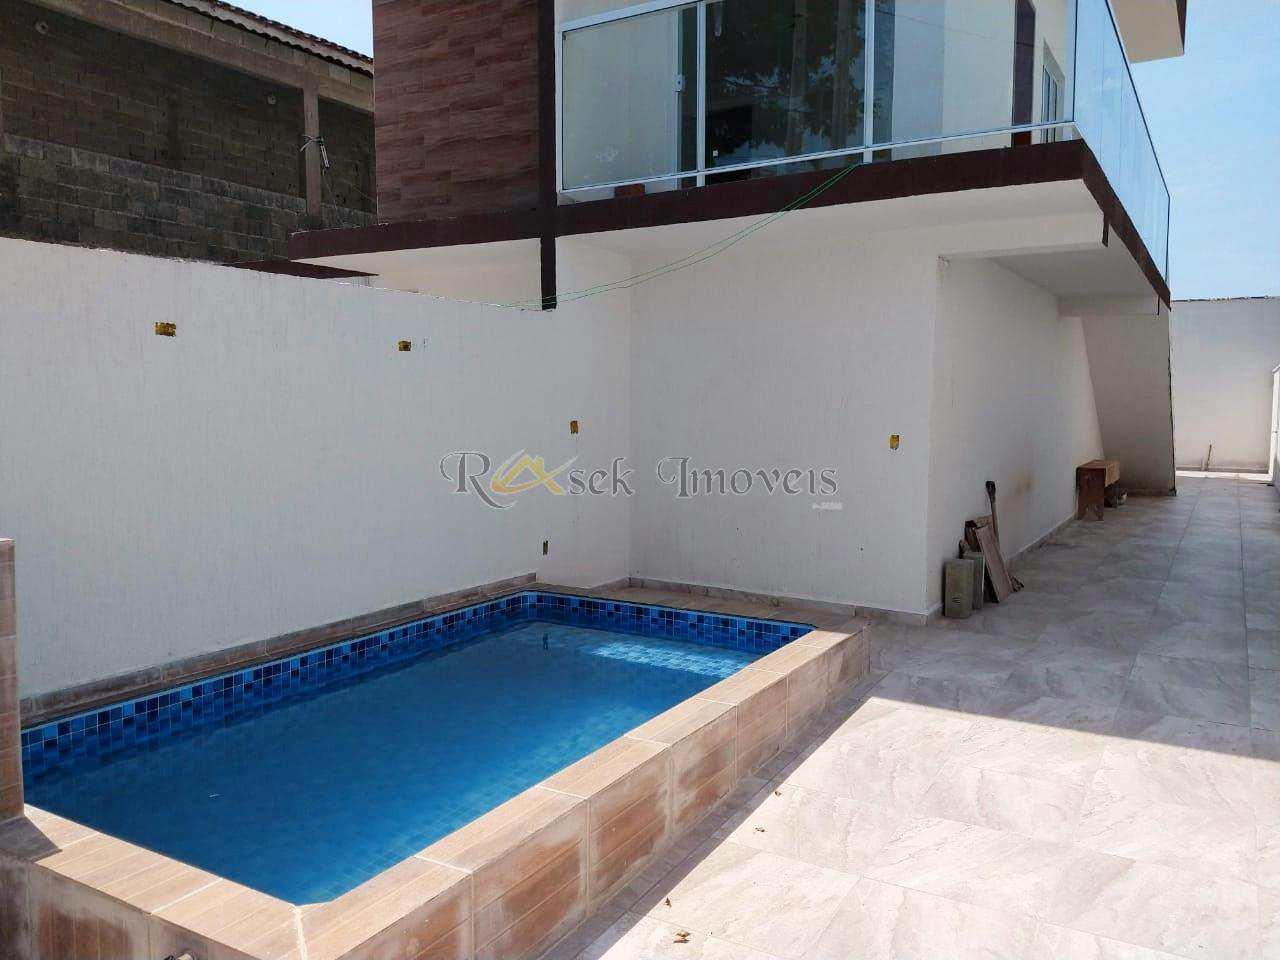 Casa com 3 dorms, com piscina e lado praia - Cod: 97